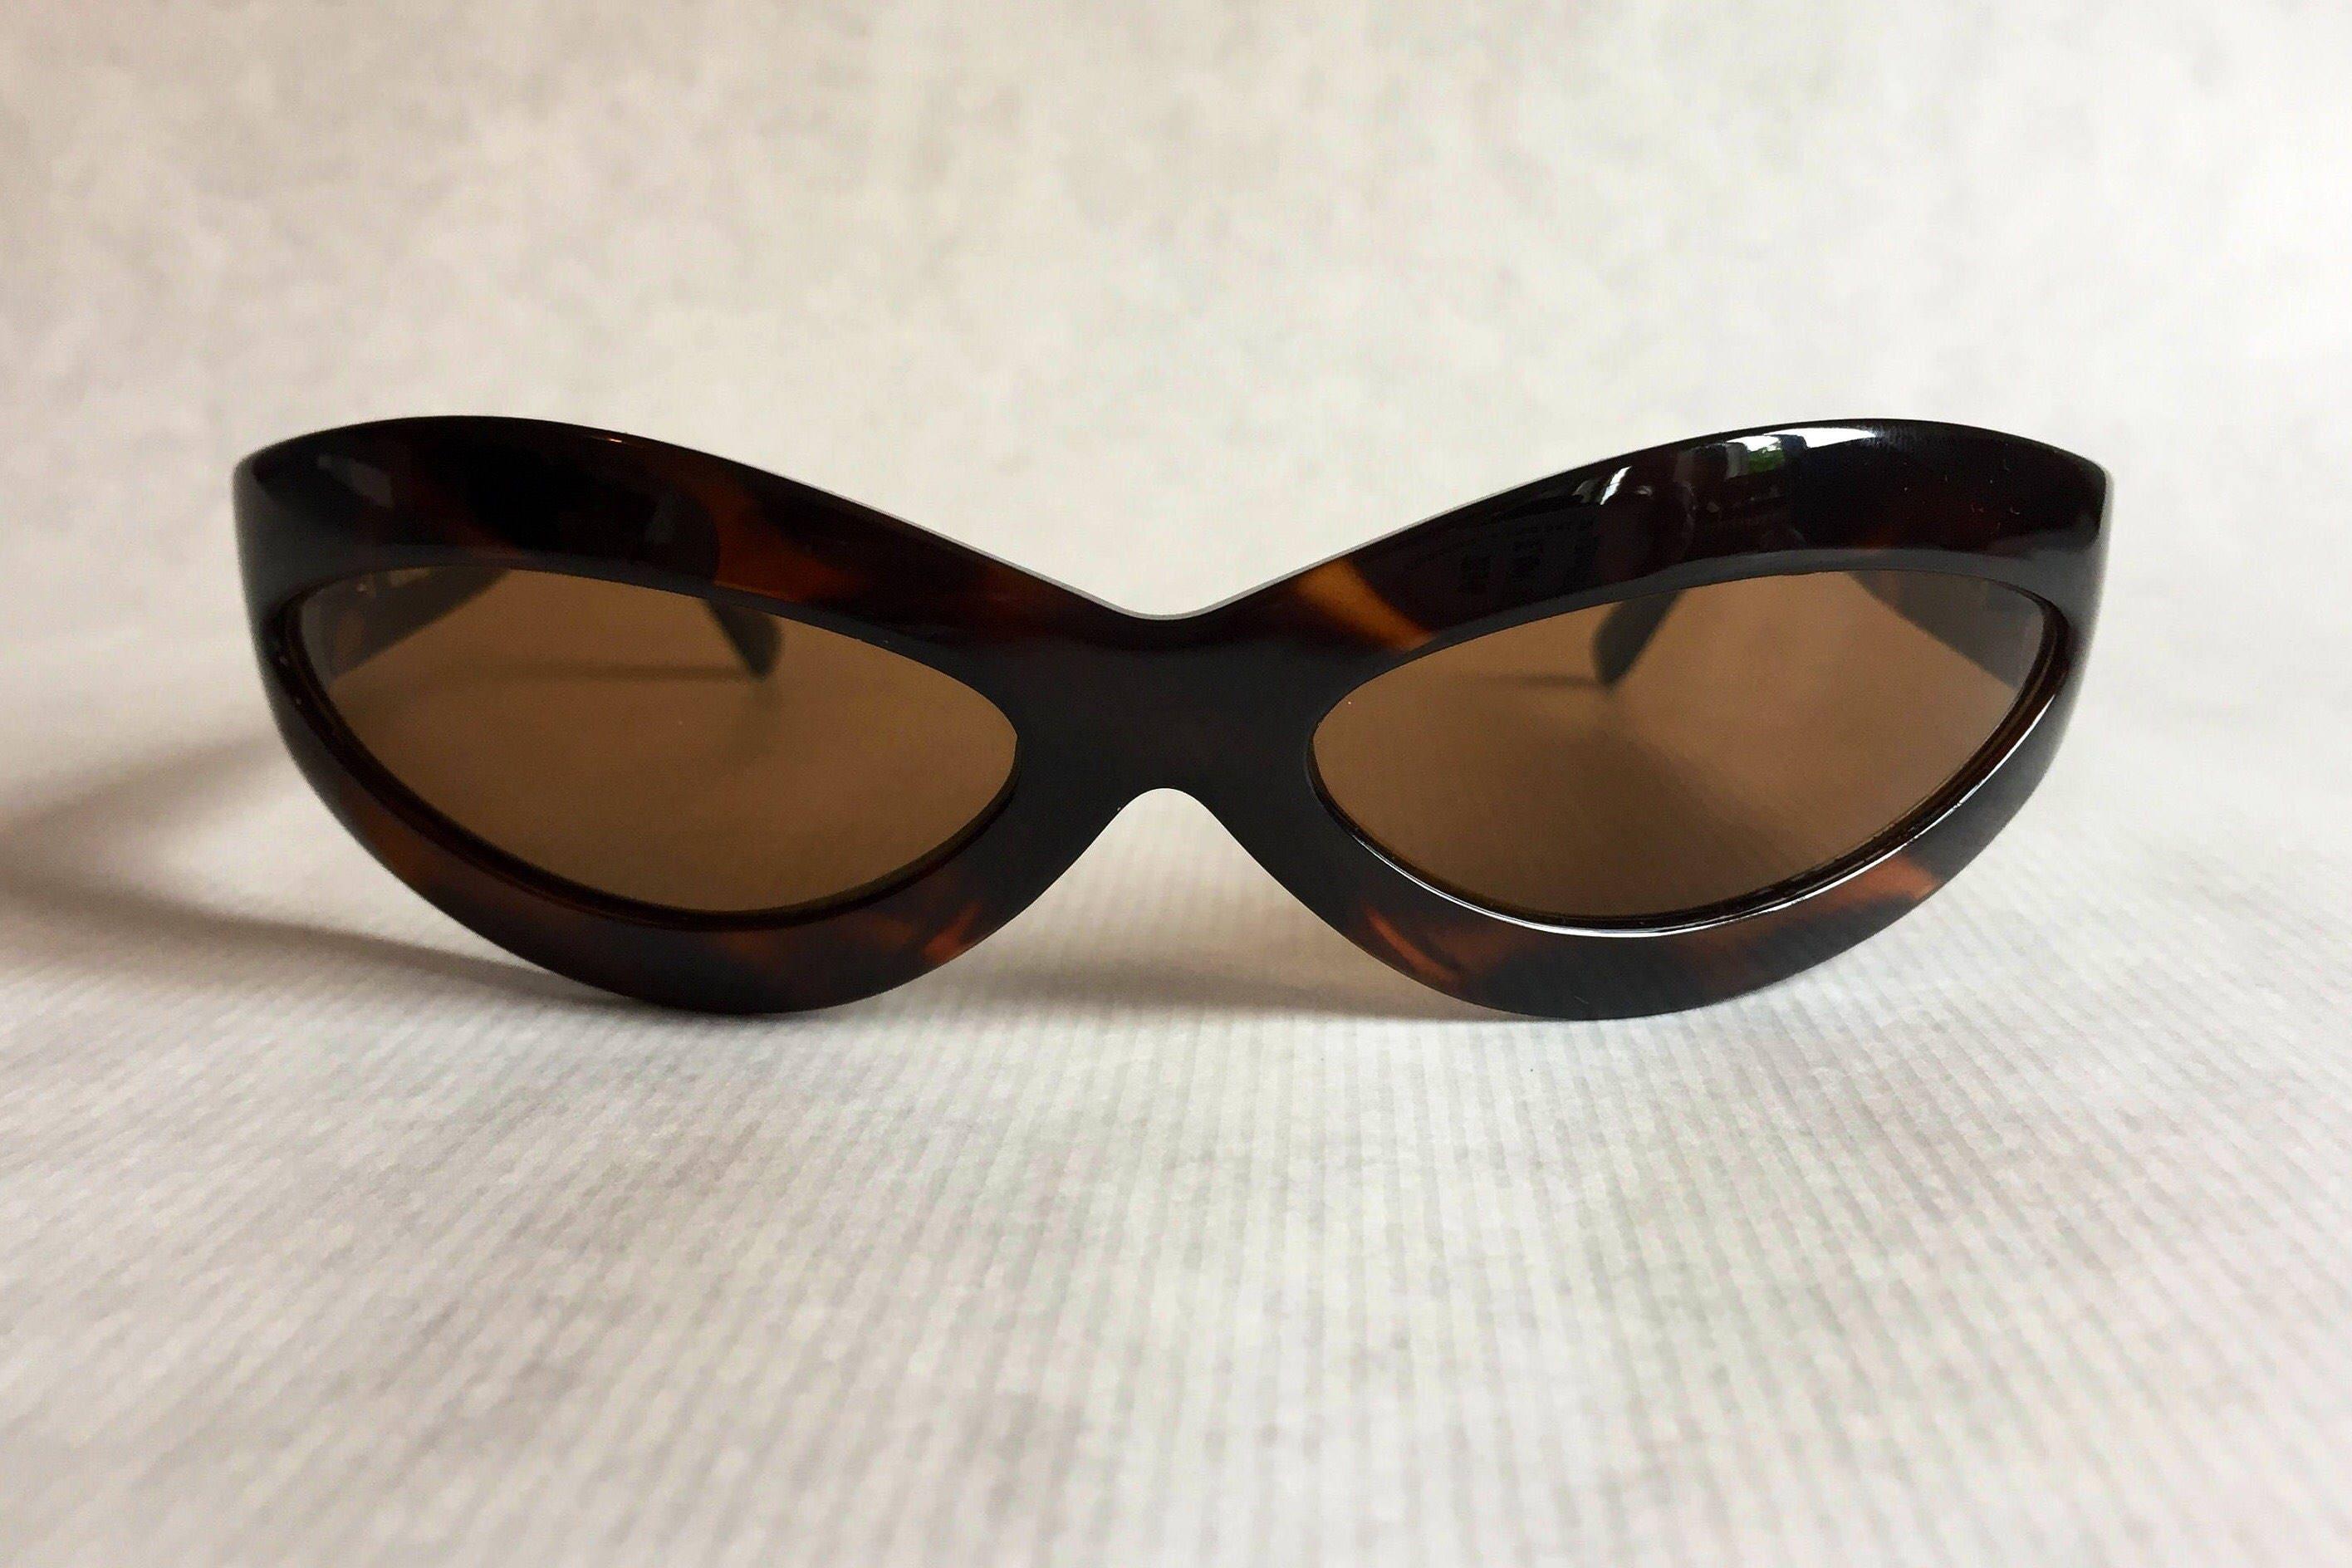 1e39fc5619f9e Gianni Versace 440 Mask Vintage Sunglasses New Never Worn including Original  Softcase